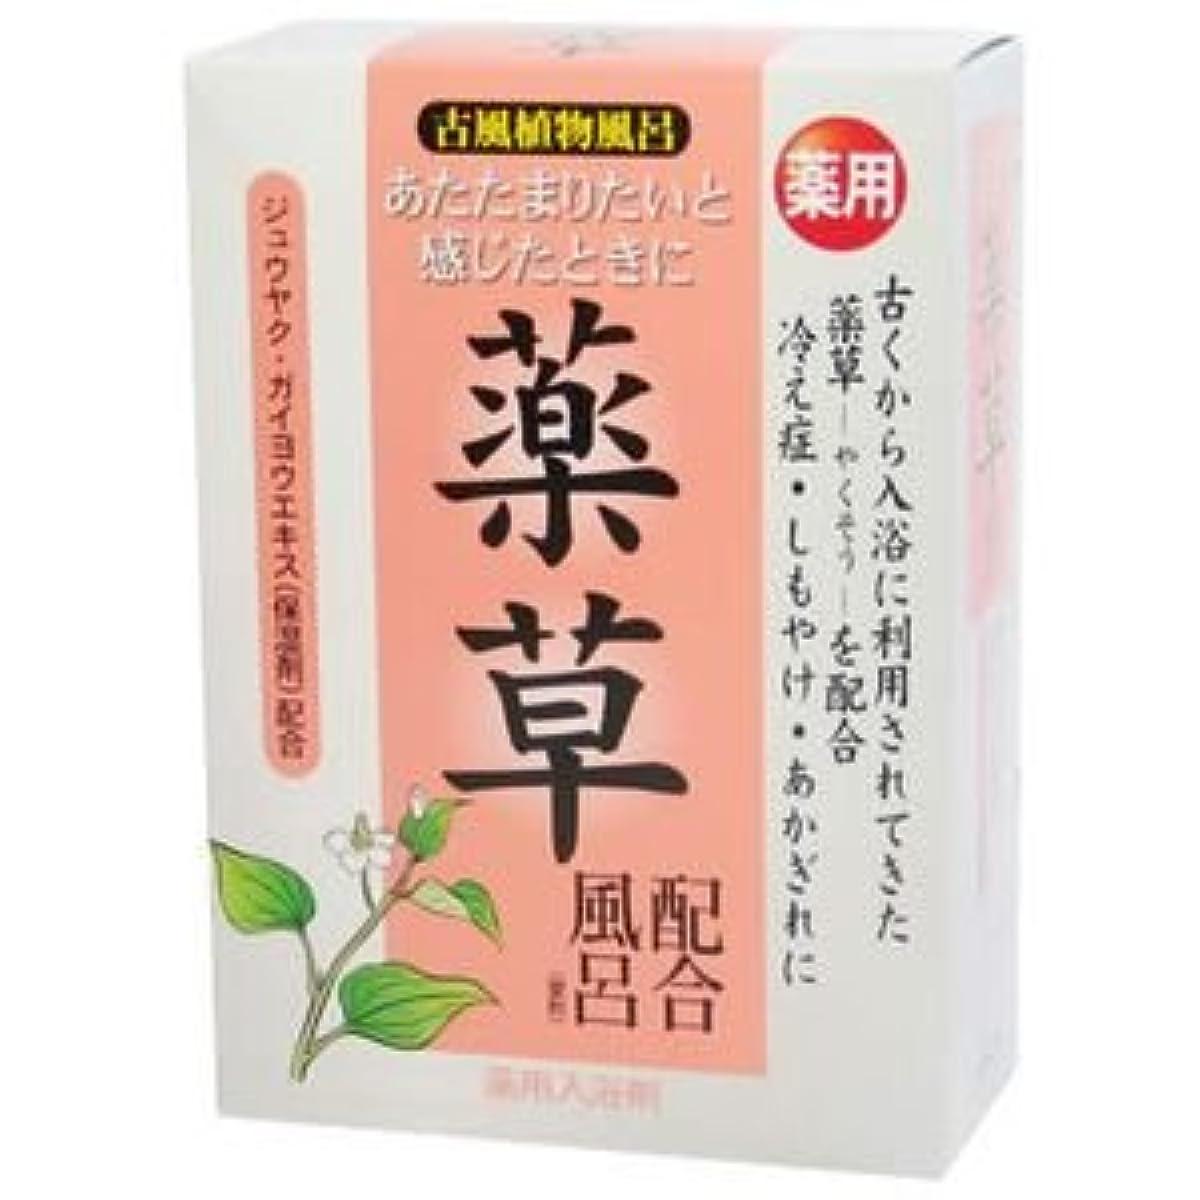 火曜日重要な雑多な古風植物風呂 薬草配合風呂 25g*5包